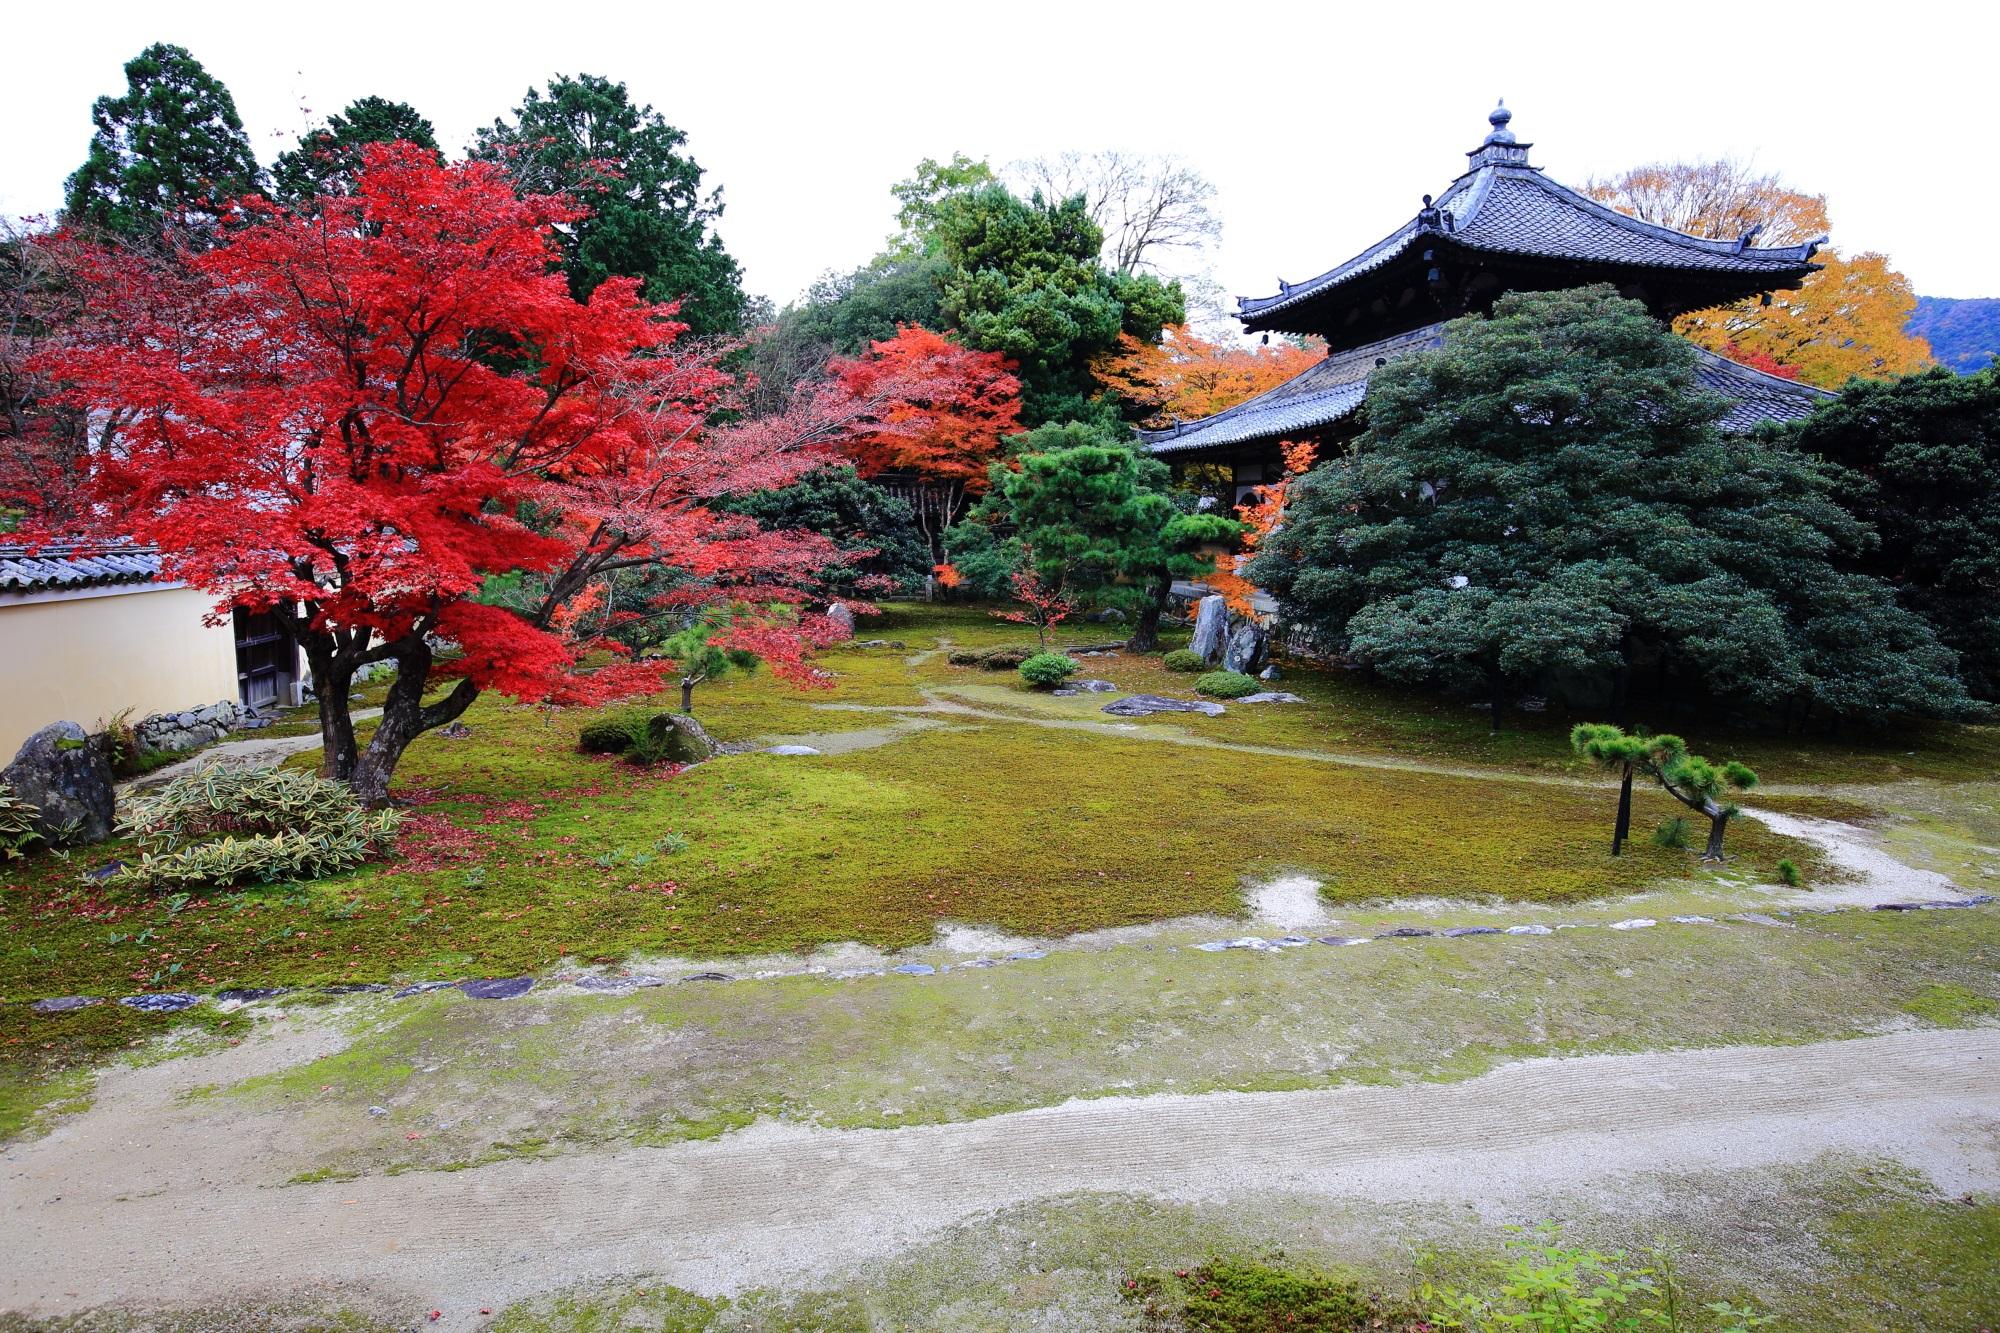 鹿王院(ろくおういん)の本庭の舎利殿と見ごろの鮮やかな紅葉